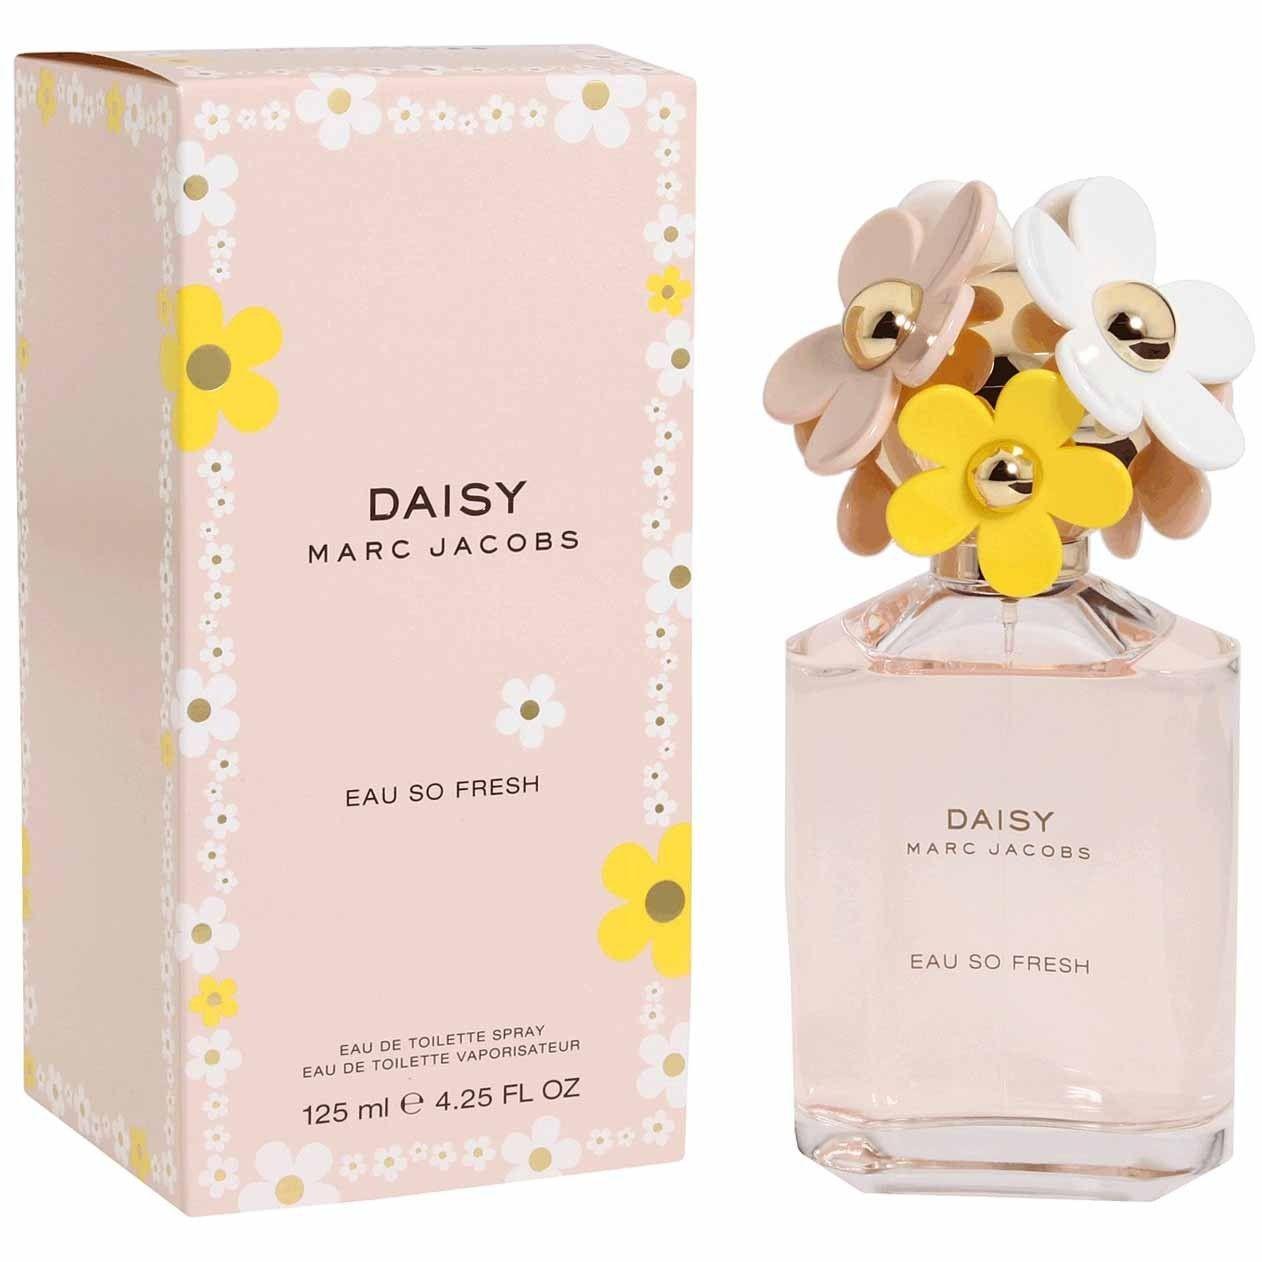 Daisy eau so fresh marc jacobs eau de toilette accessories daisy eau so fresh marc jacobs eau de toilette izmirmasajfo Image collections